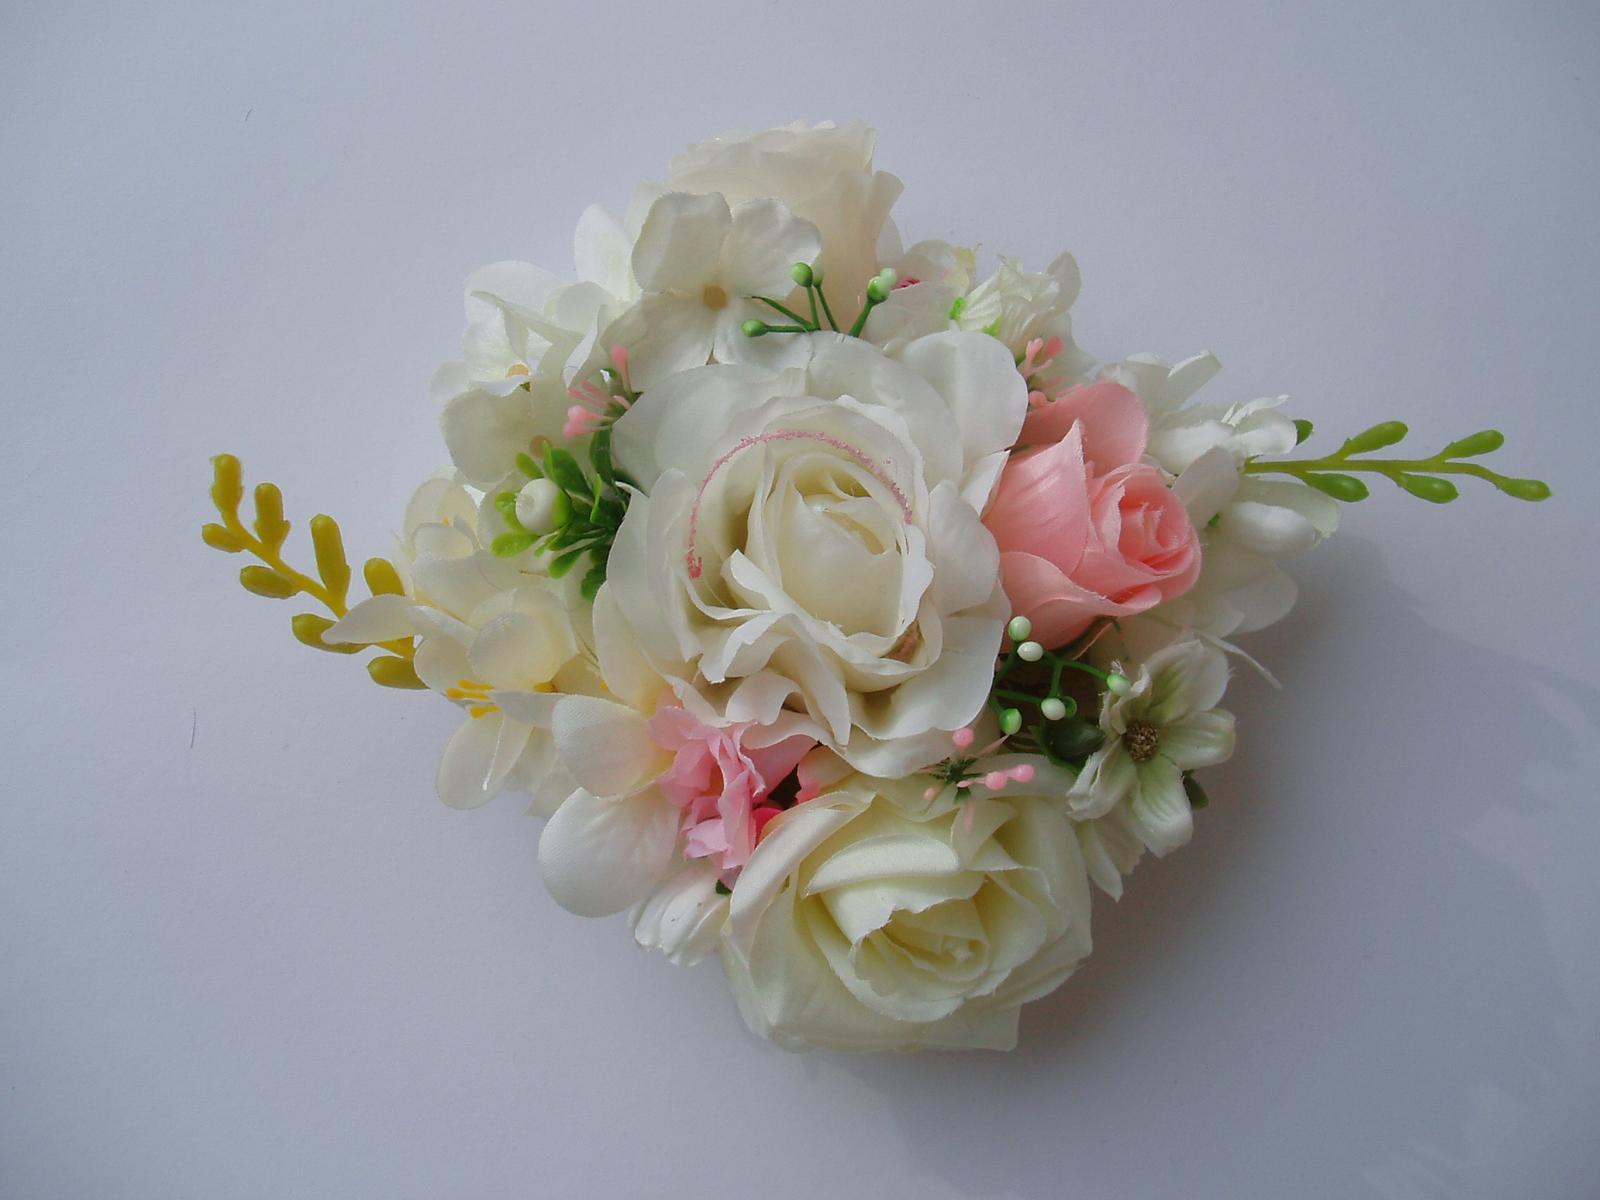 květinová dekorace - Obrázek č. 2